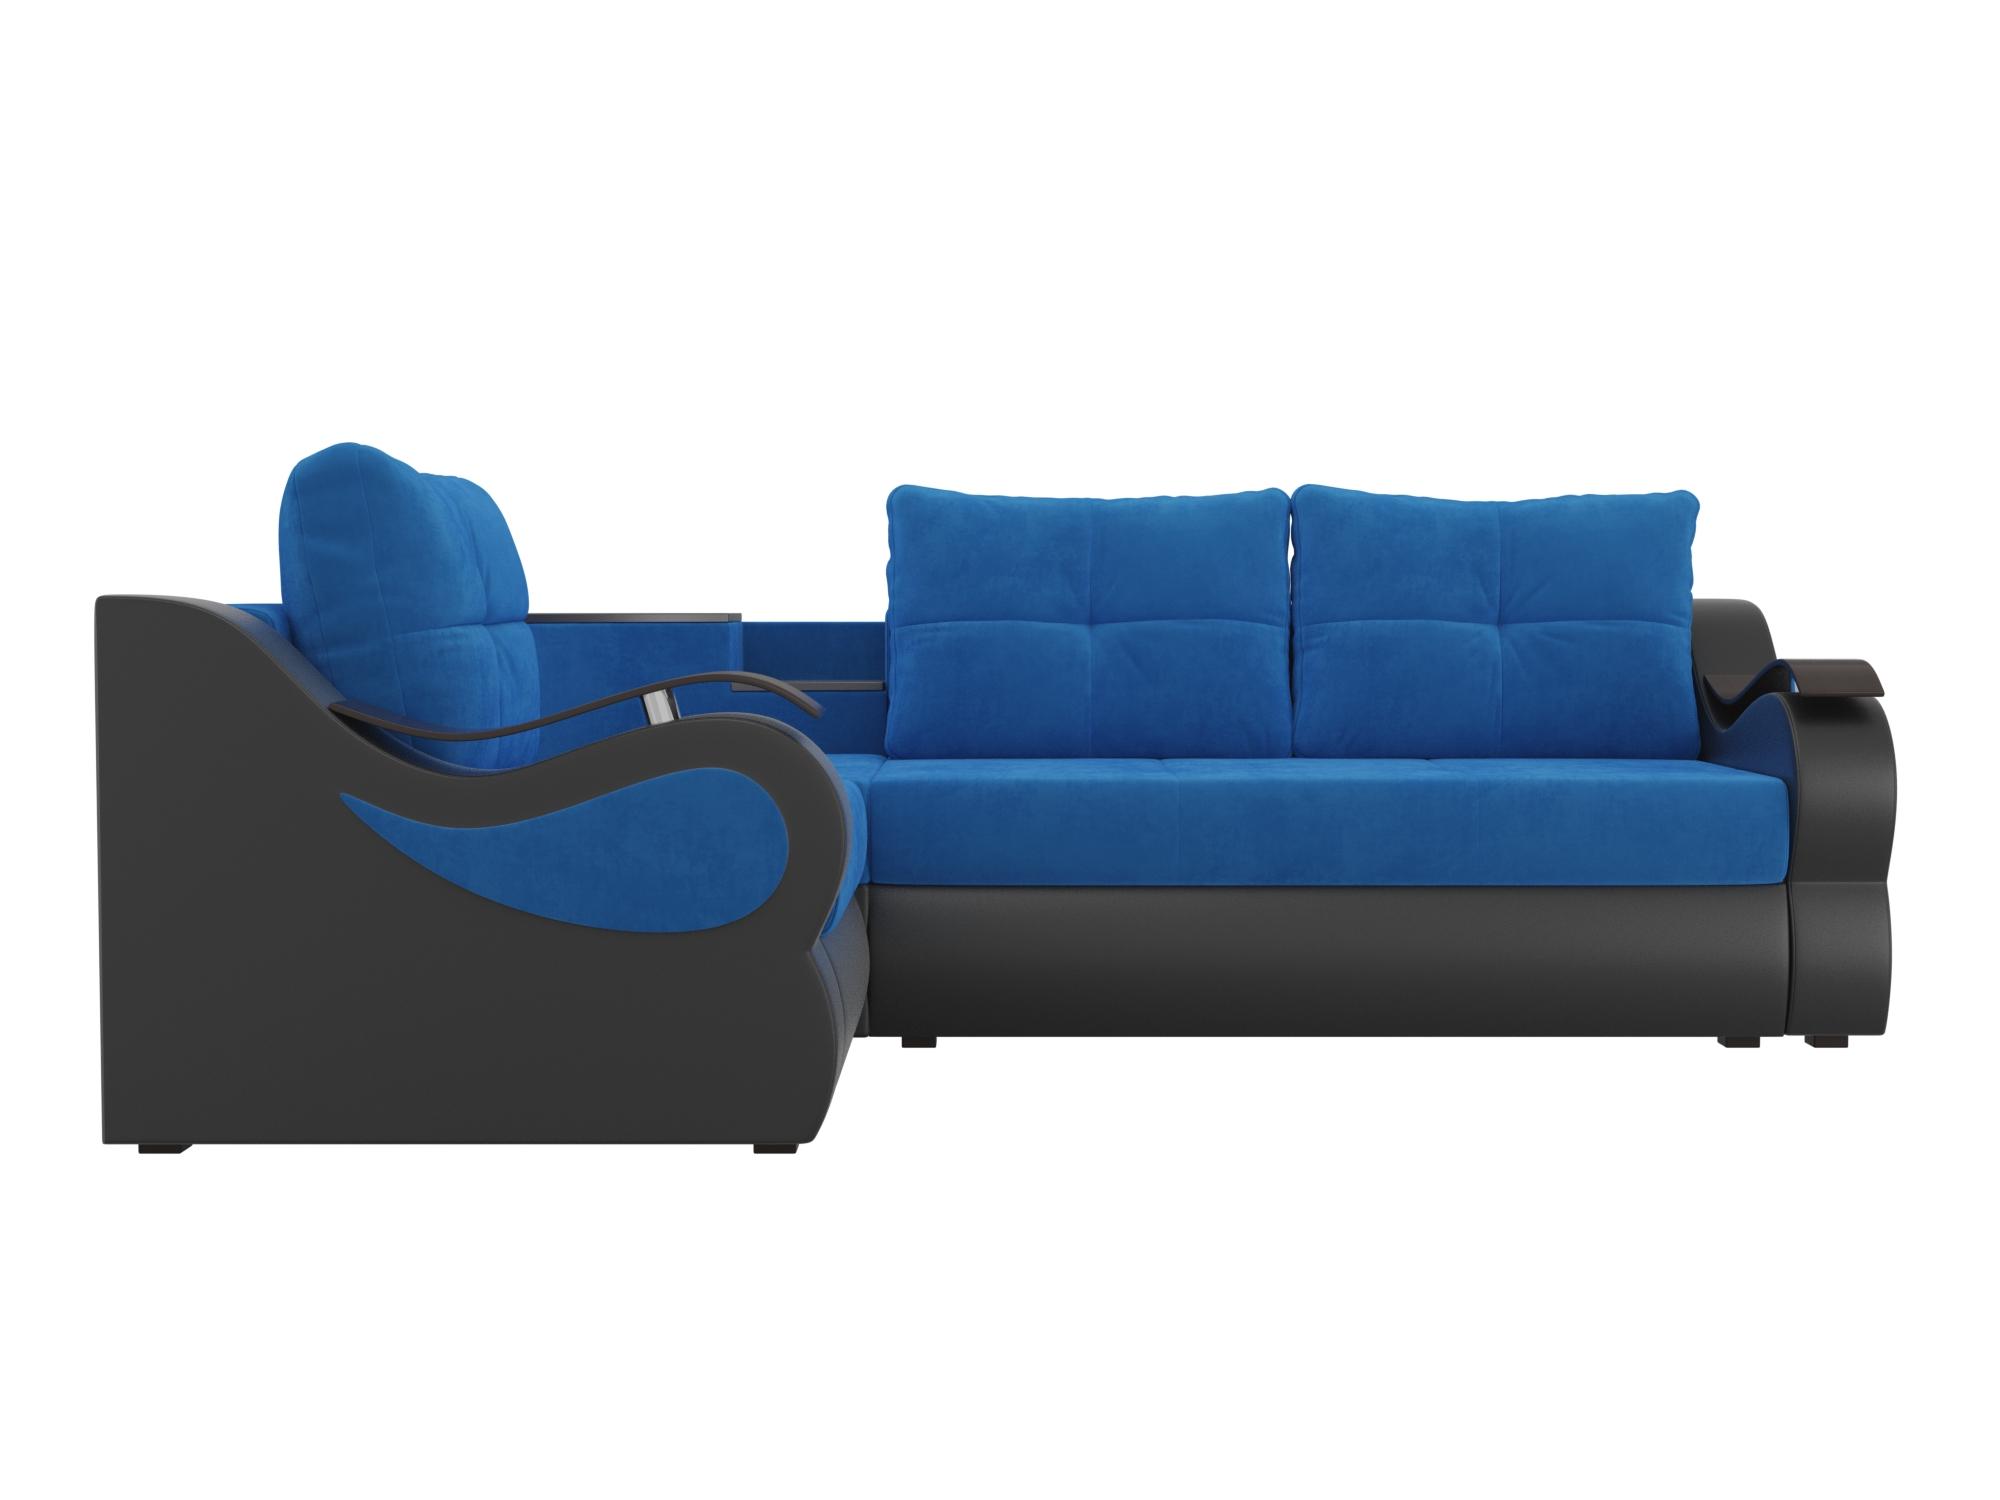 Угловой диван Митчелл Левый MebelVia Голубой, Черный, Велюр, ЛДСП Голубой, Черный